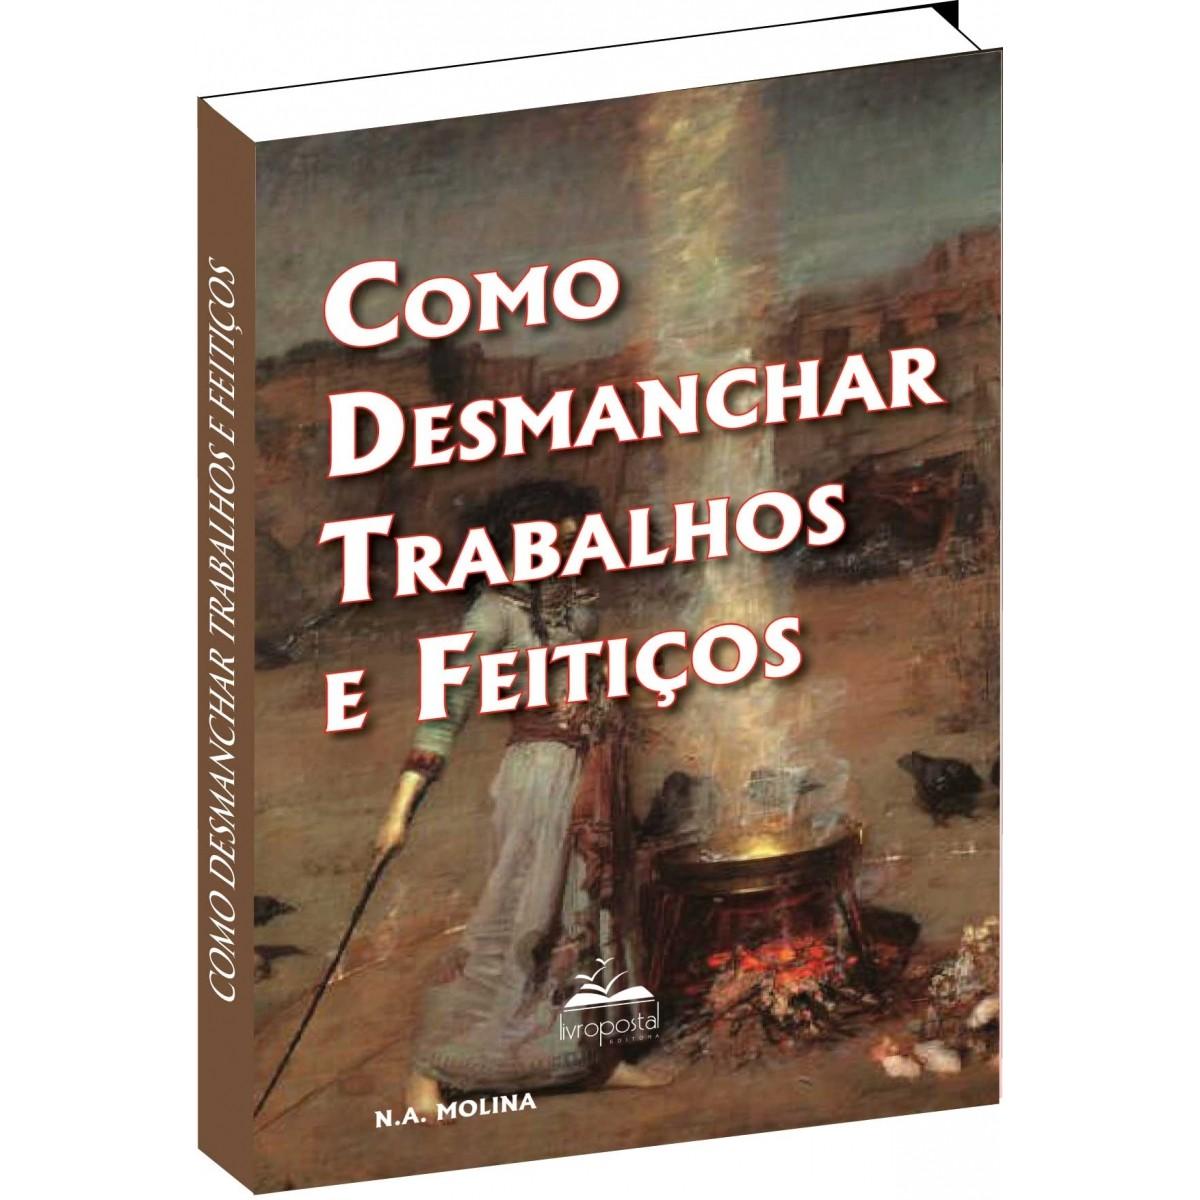 Ebook do Livro - Como desmanchar Trabalhos e Feitiços  - Livropostal Editora